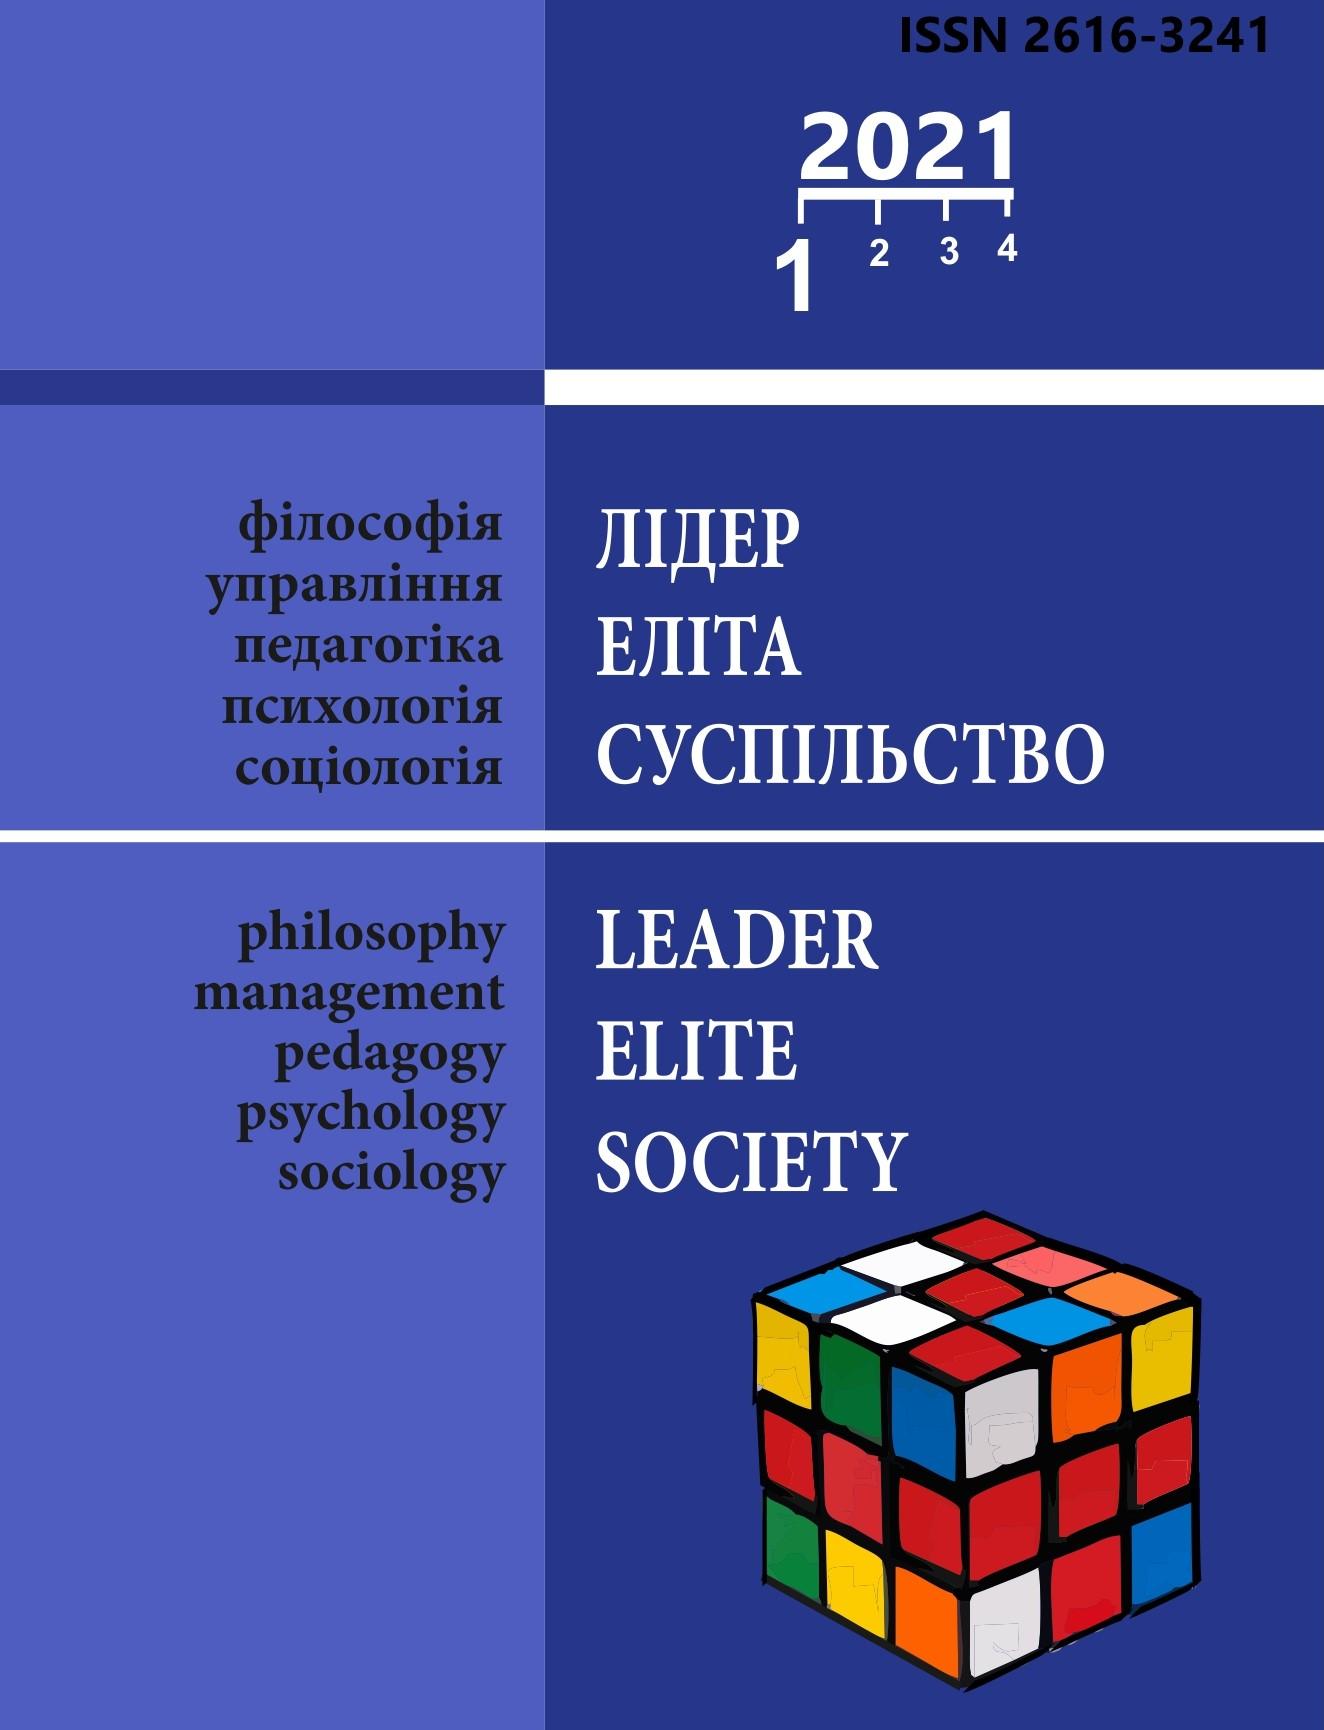 Лідер Еліта Суспільство